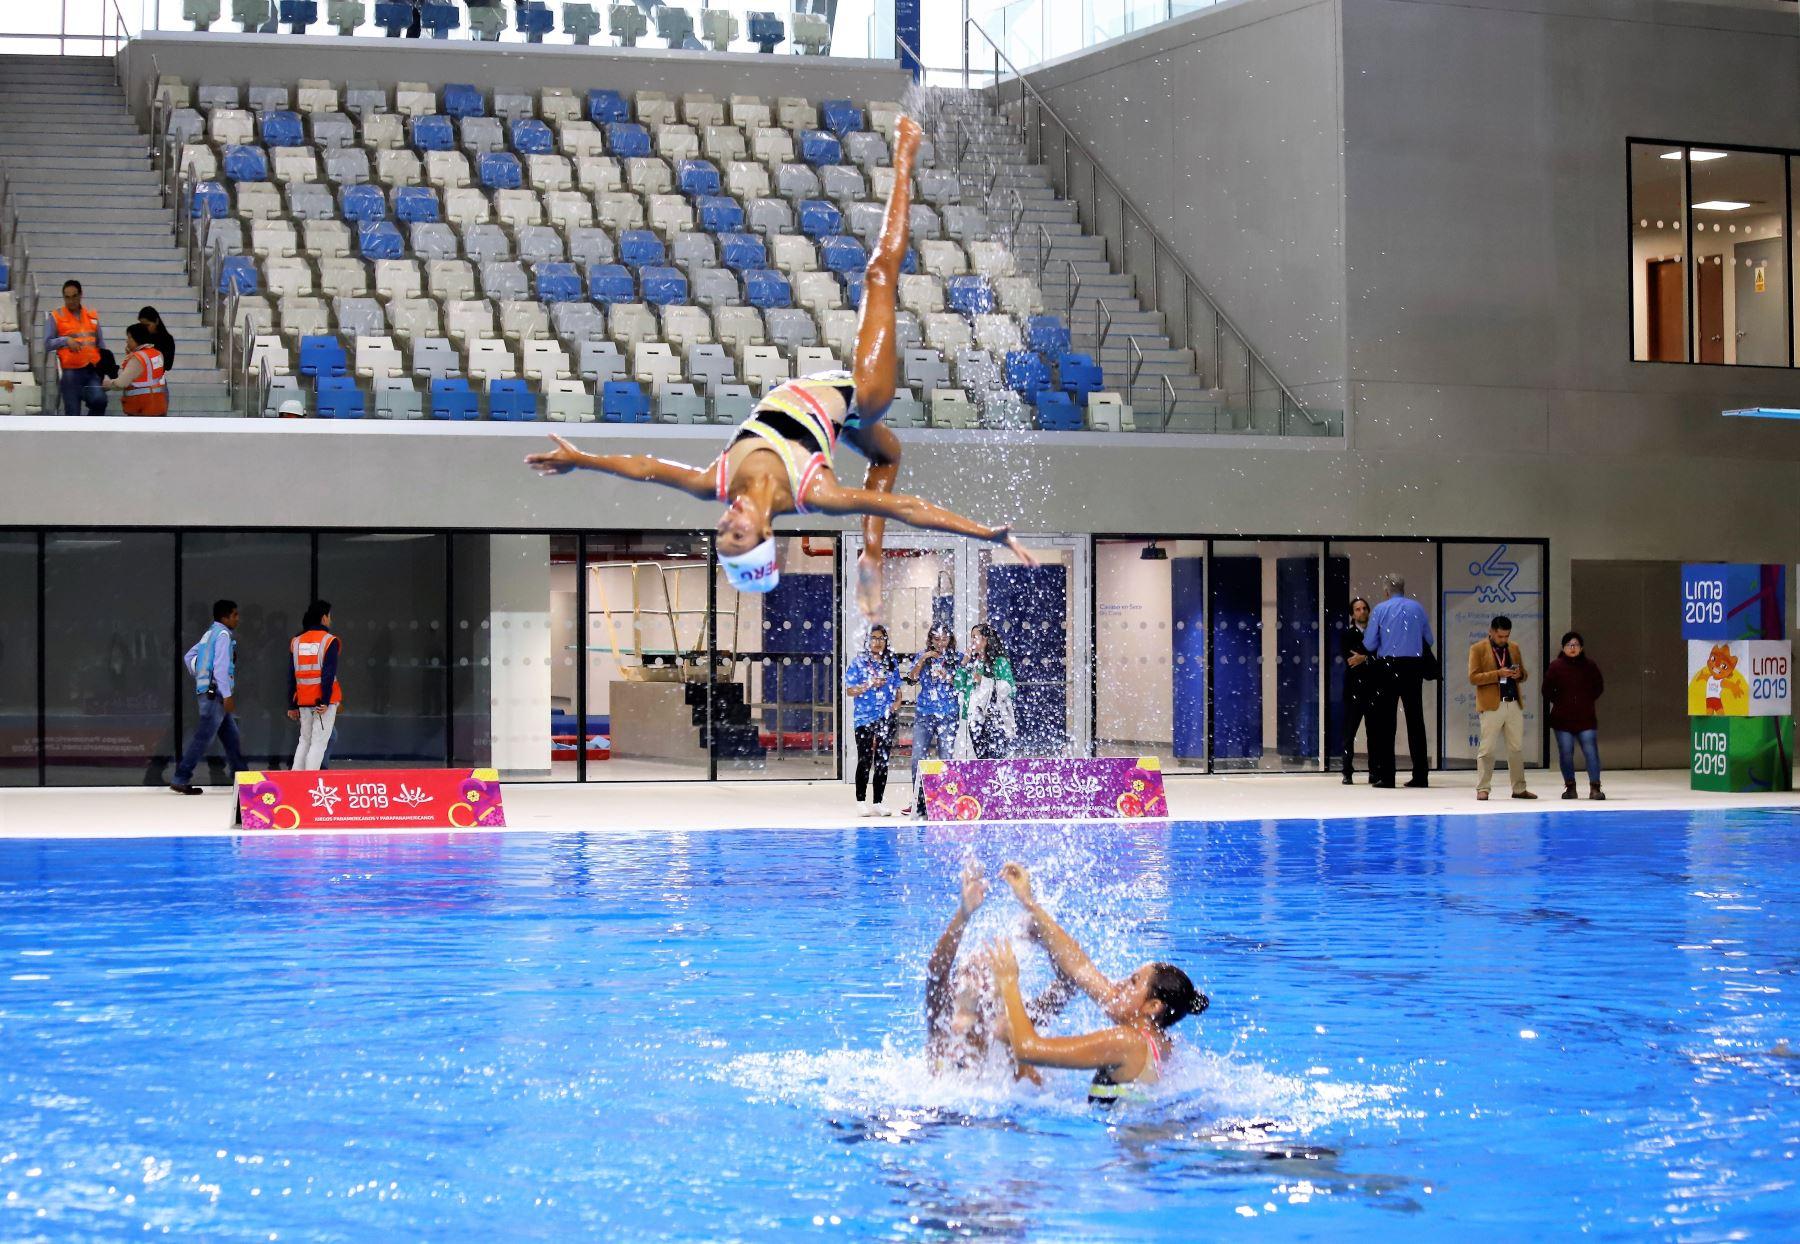 Escenarios de Lima 2019 A 50 días de los Juegos Panamericanos. Foto: ANDINA/